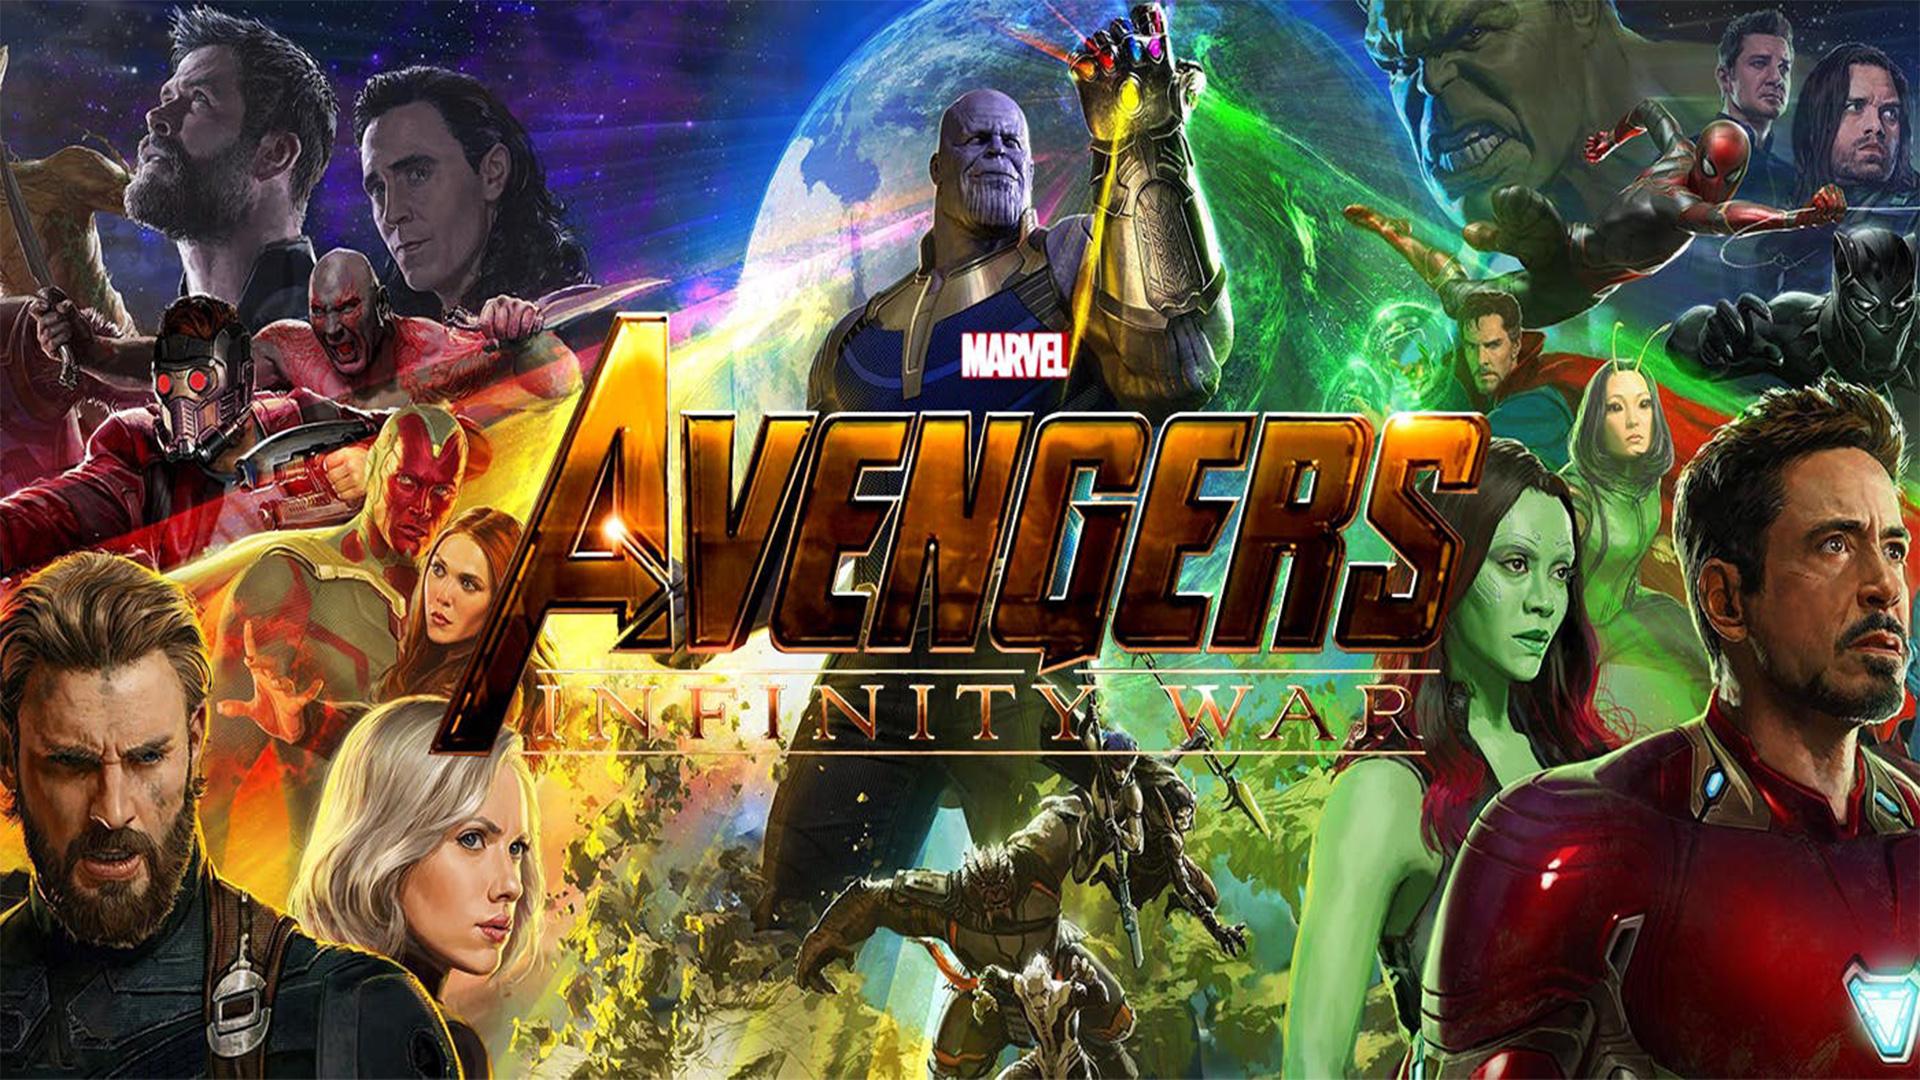 Ecco Un Nuovo Artwork Di Avengers Infinity War